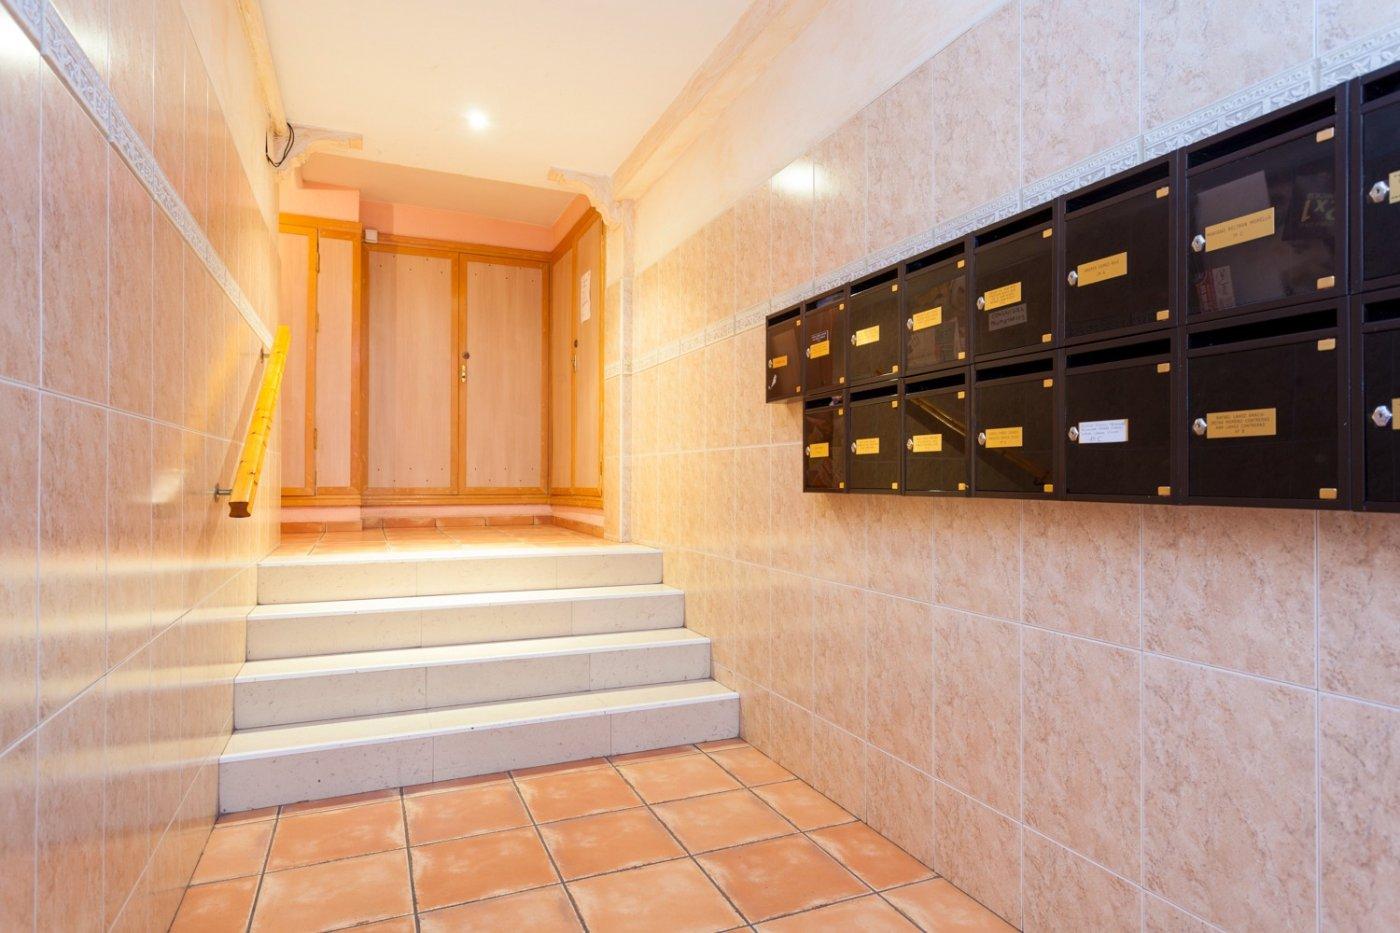 Piso a la venta en c/ lugo, exterior, de tres dormitorios, salon, cocina y baÑo. - imagenInmueble1